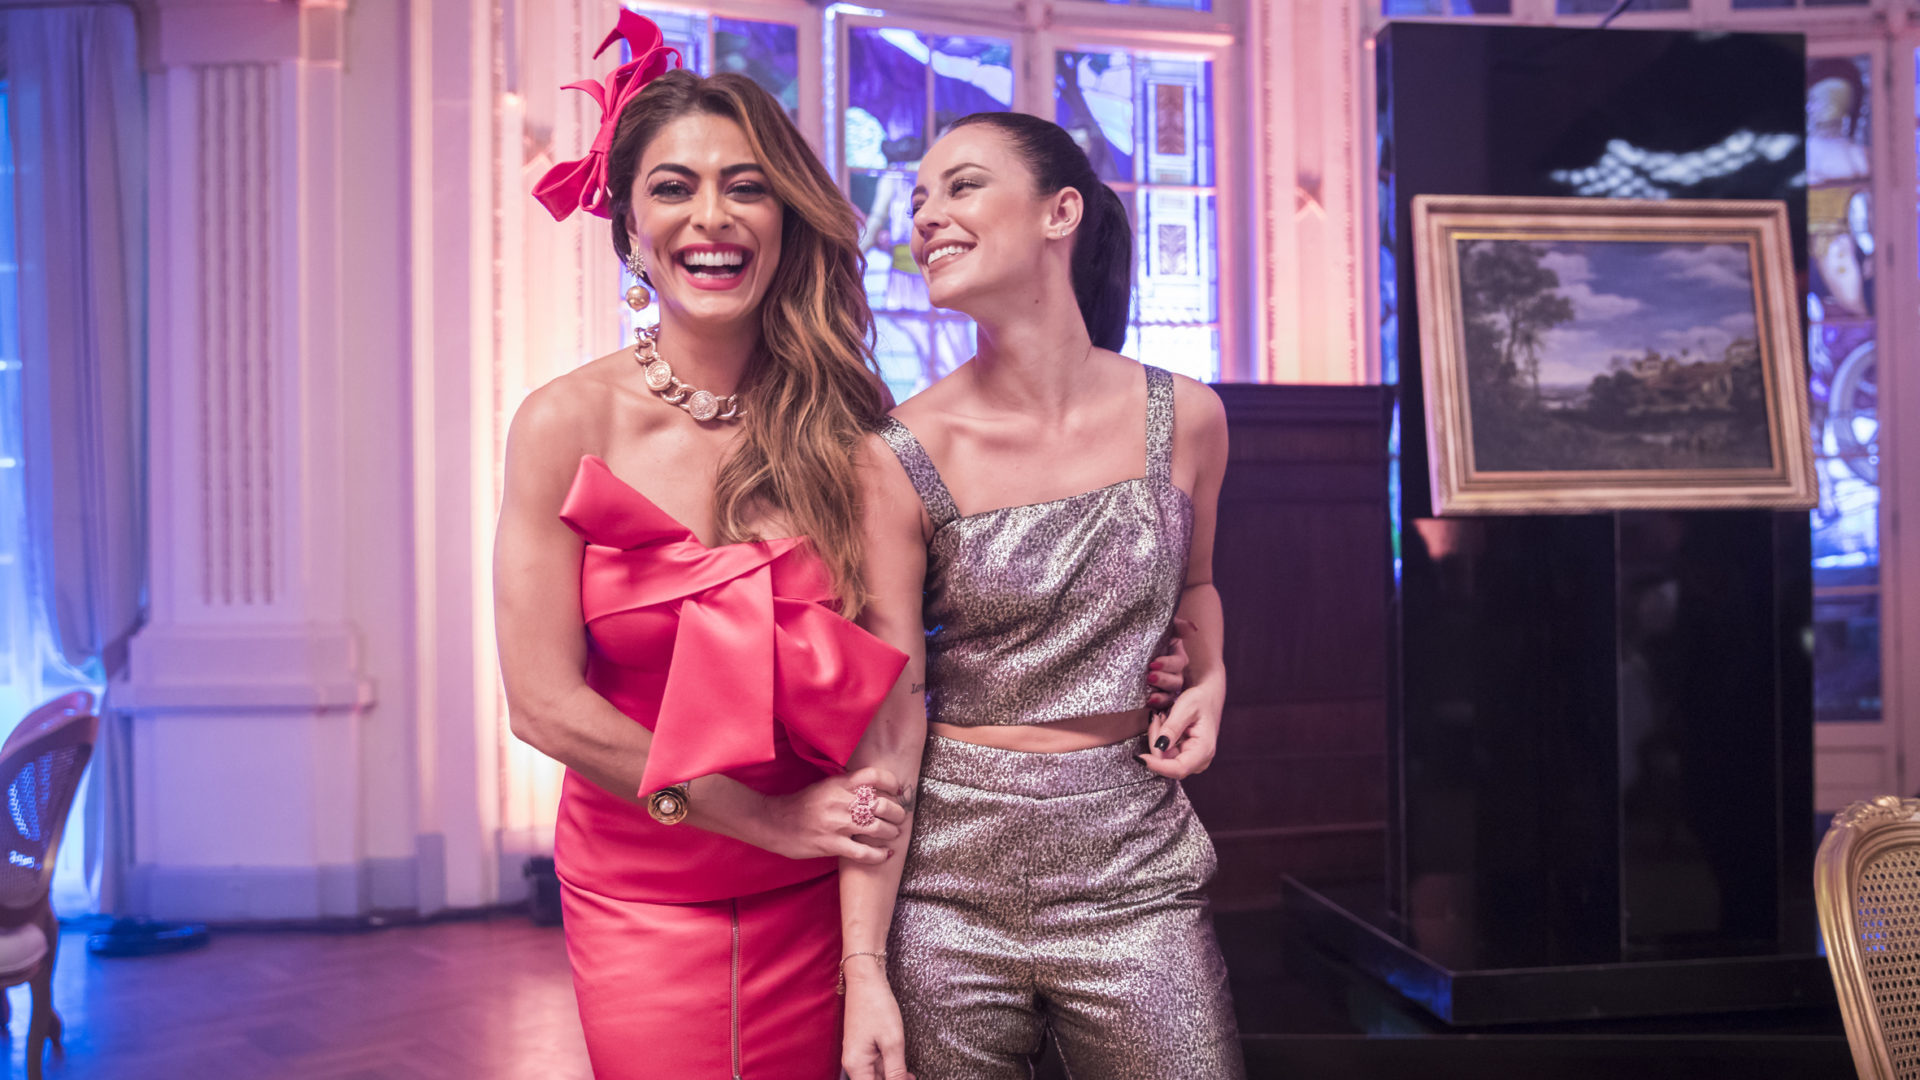 Maria da Paz (Juliana Paes) e Vivi Guedes (Paolla Oliveira) em A Dona do Pedaço (Reprodução: TV Globo)